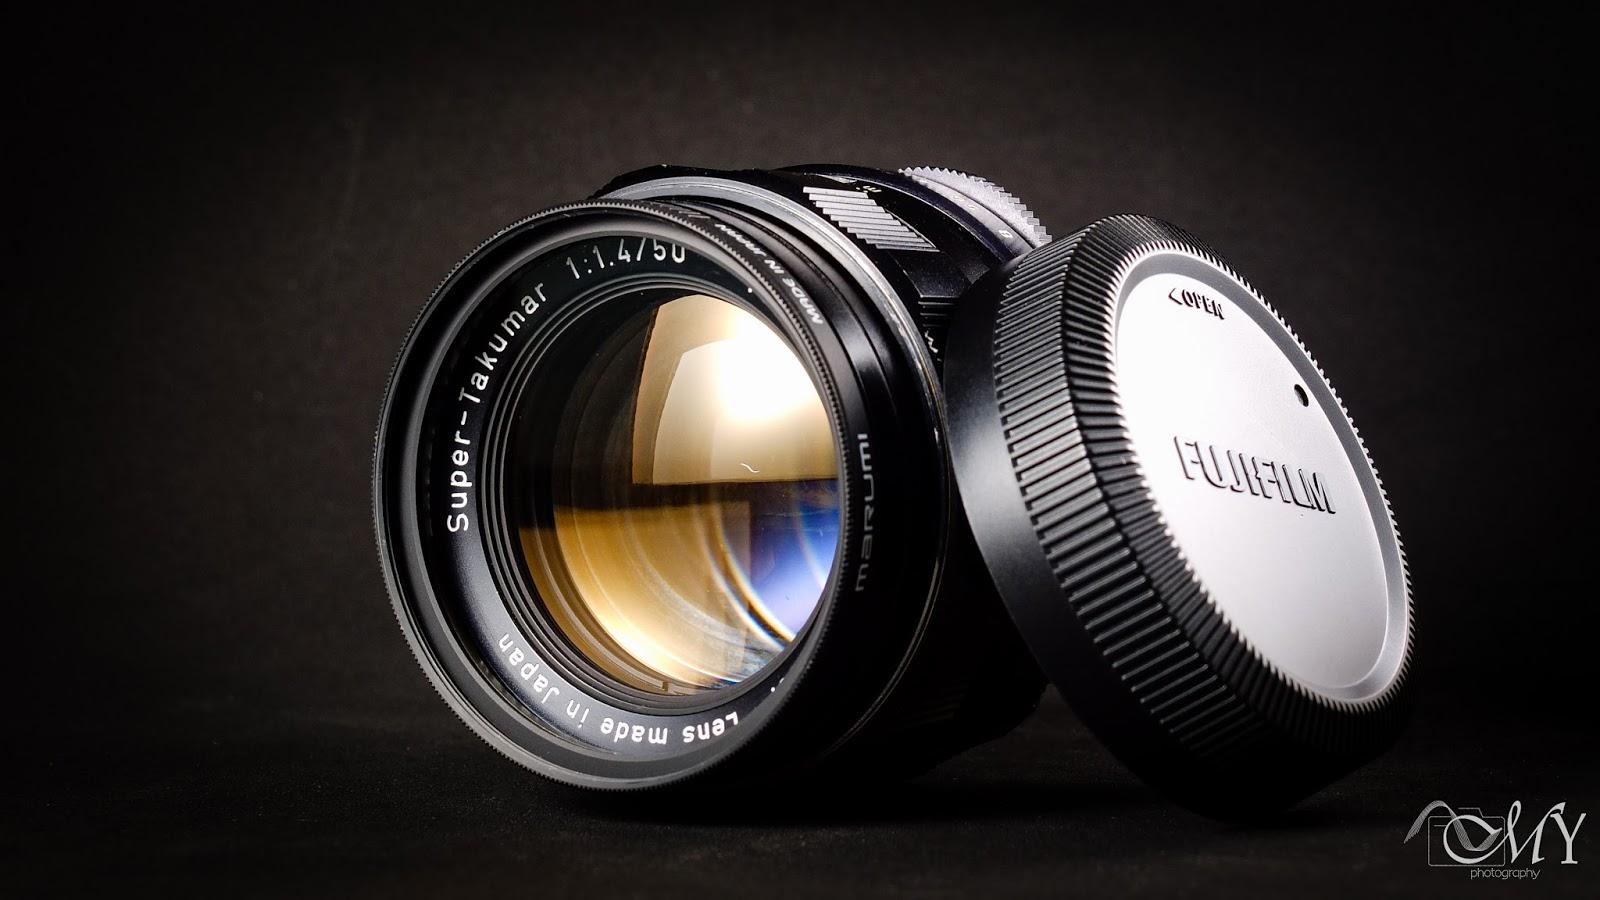 Meng Yeap | Photographer: Super takumar 50mm 1 4 on Fuji X-E1